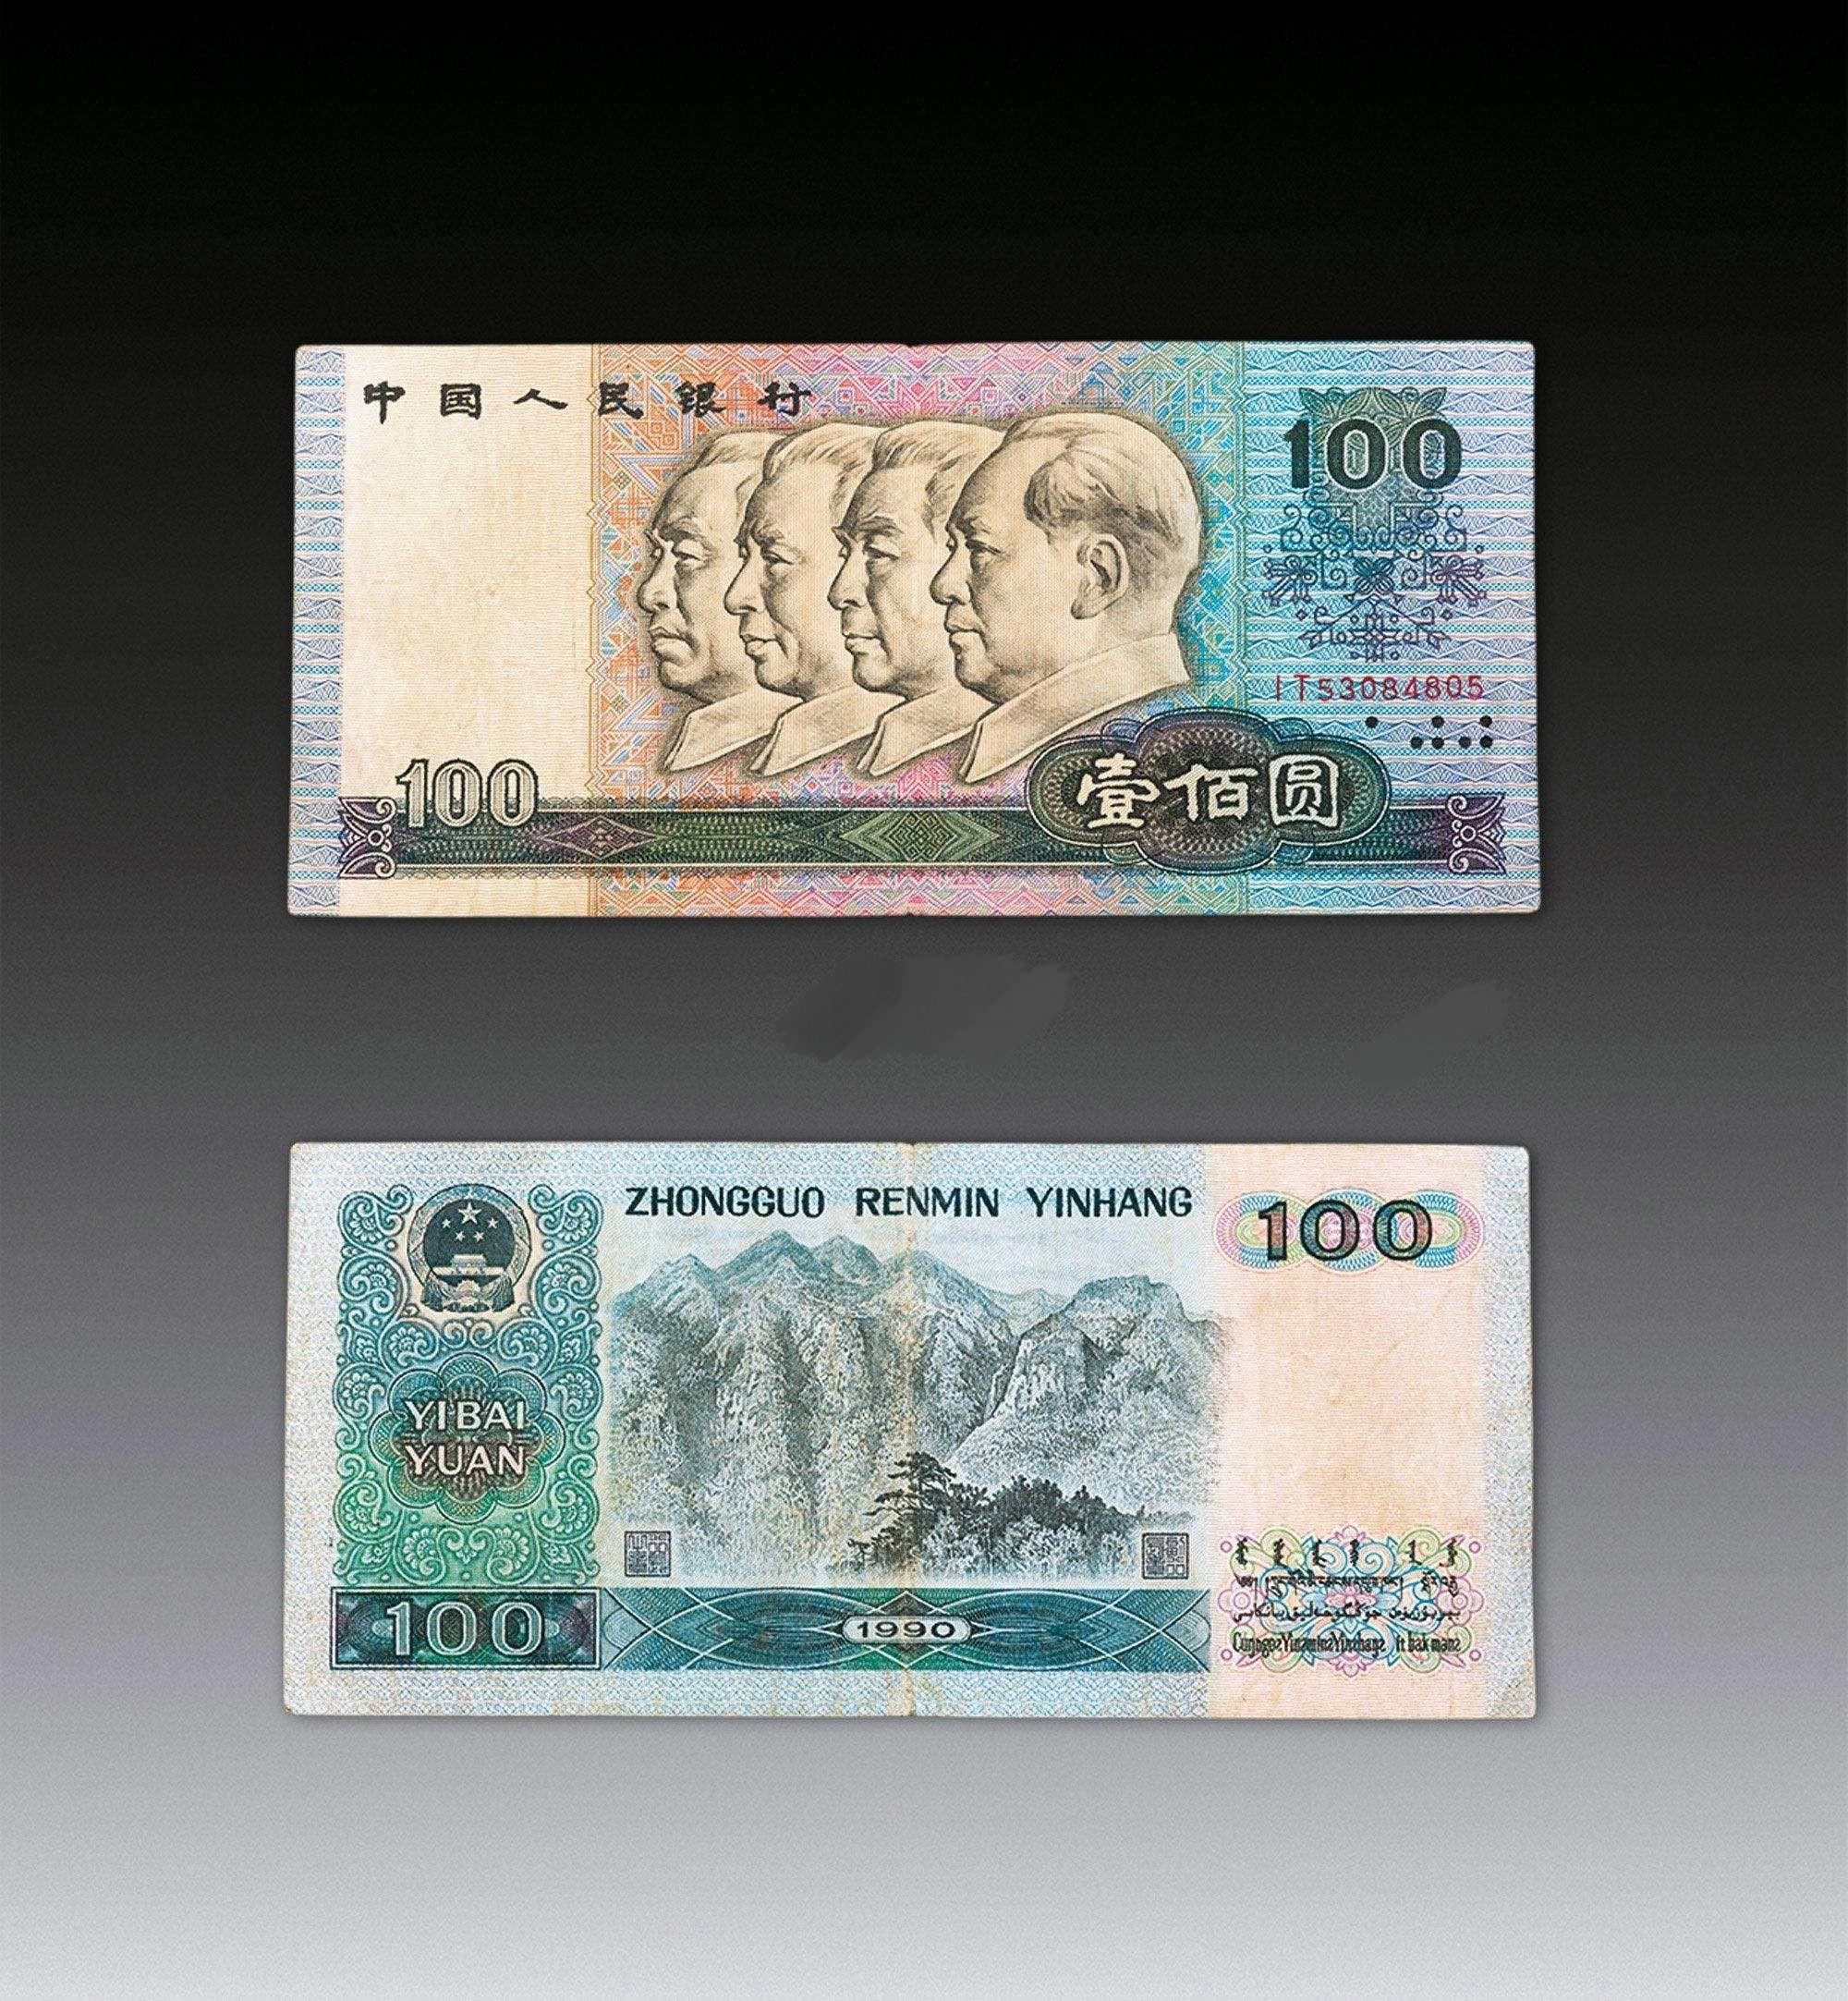 老版100元人民币值多少钱 老版100元人民币收藏潜力有多大